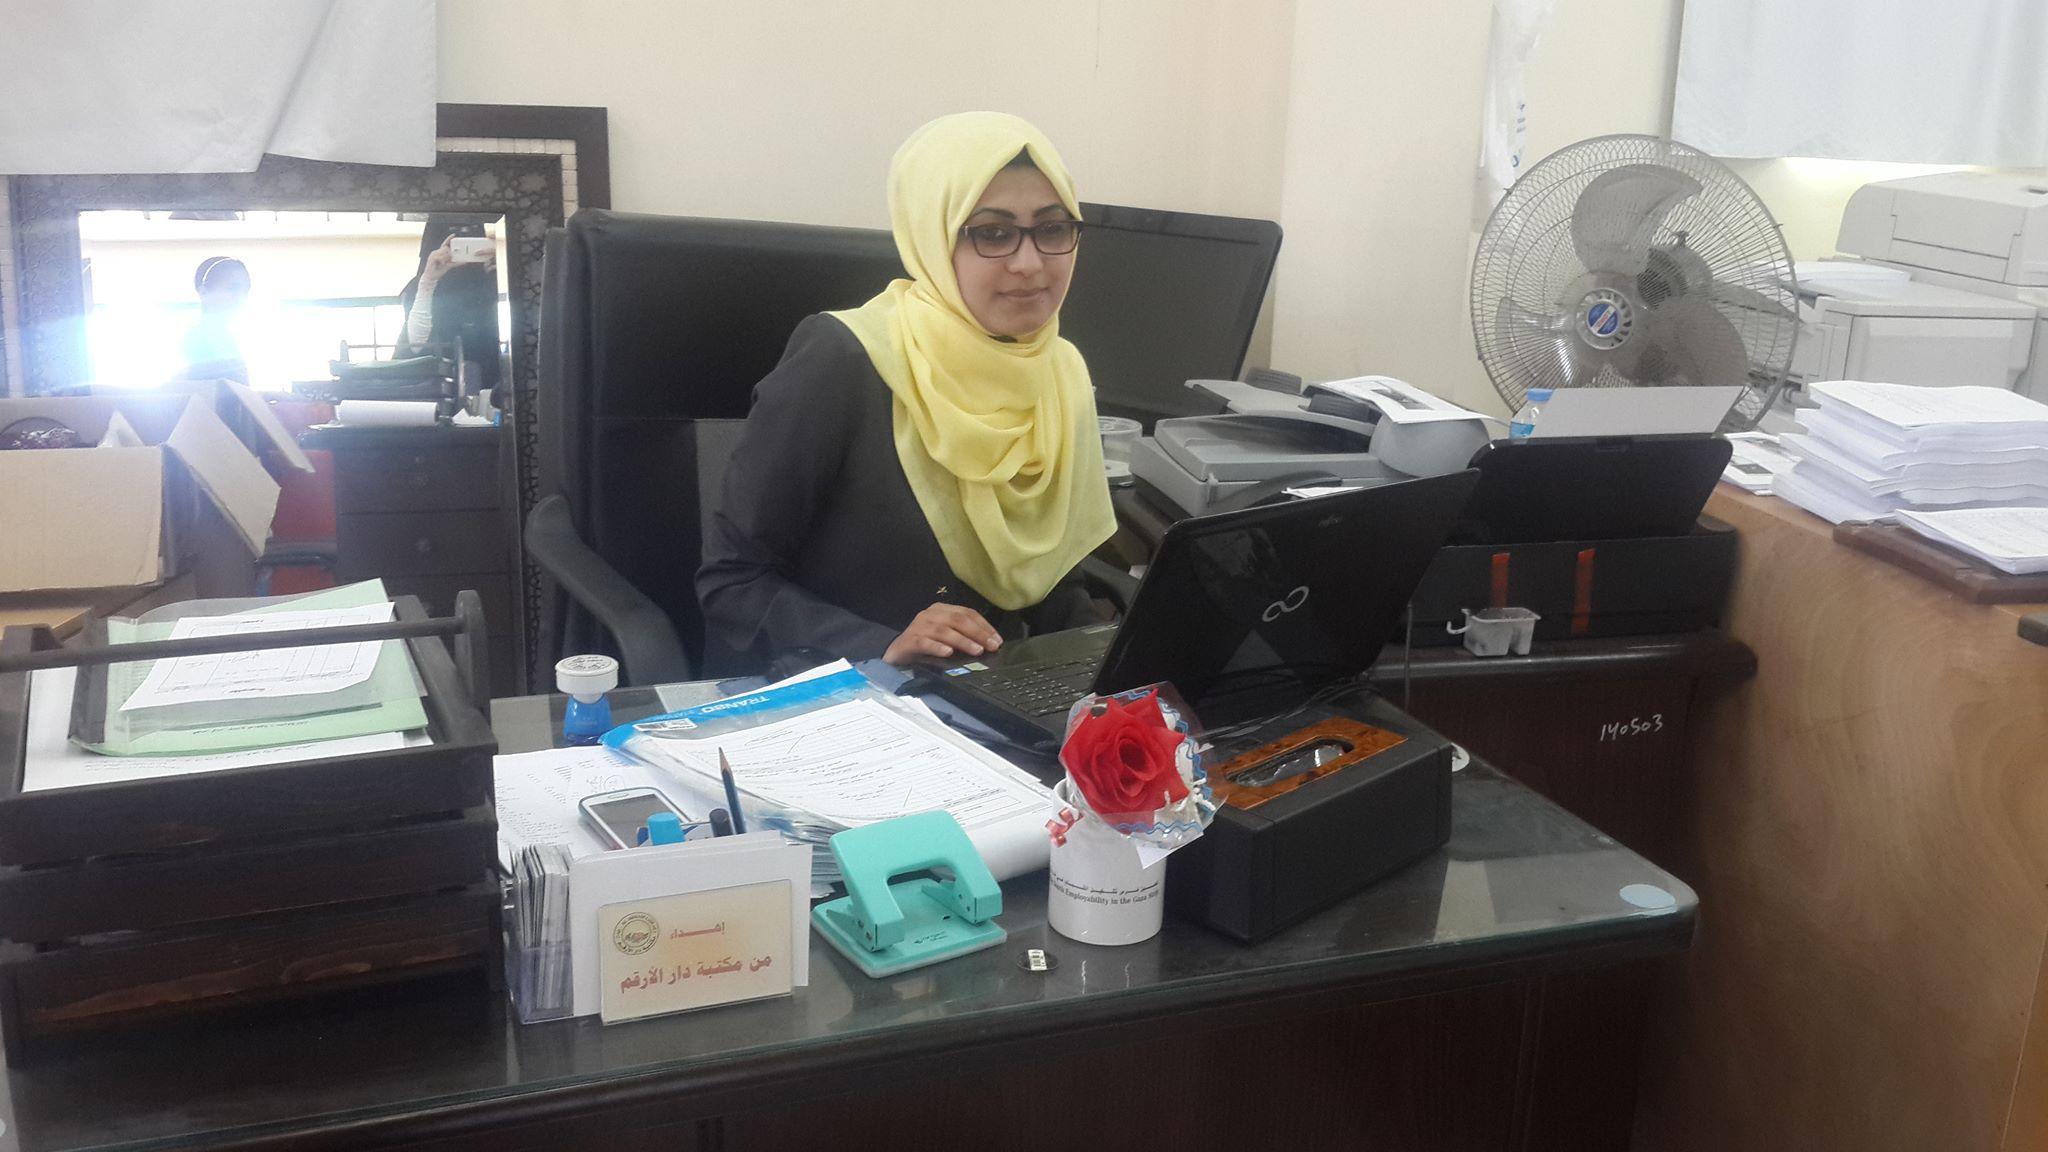 برنامج إرادة قصص نجاح لذوي الاحتياجات الخاصة في غزة - صورة 2